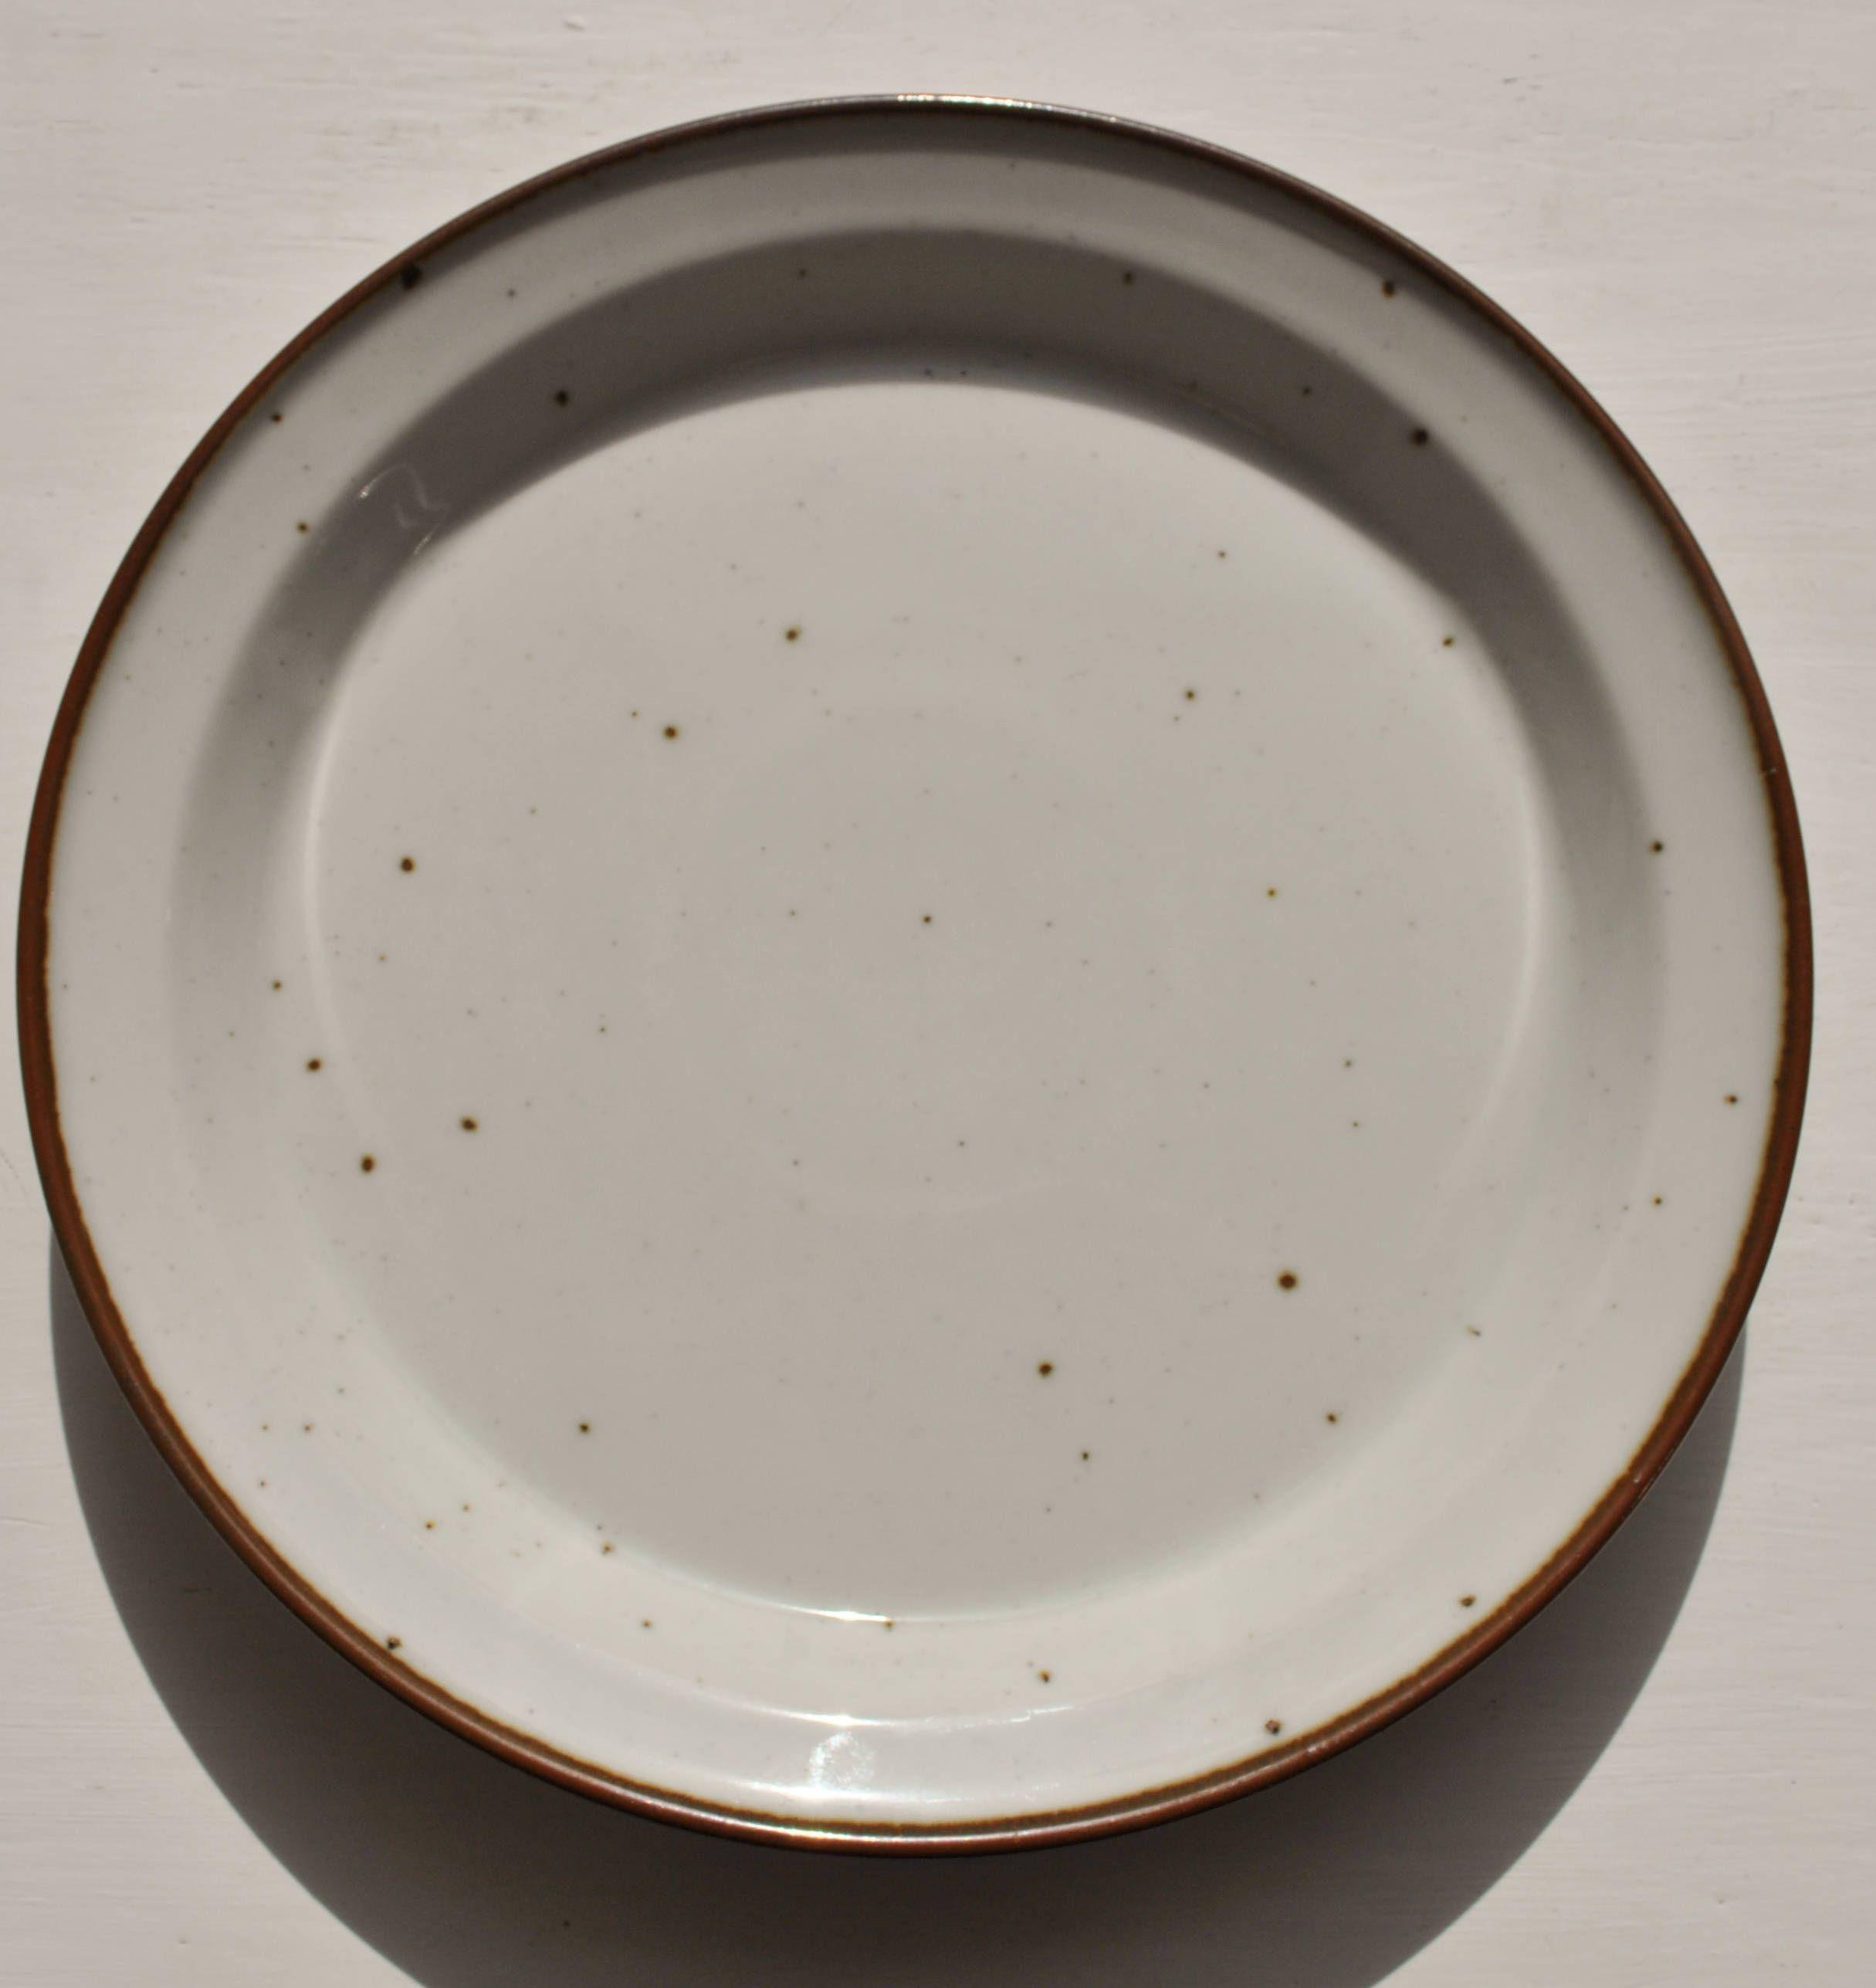 dansk brown mist dinner plate denmark niels refsgaard scandinavian  - dansk brown mist dinner plate denmark niels refsgaard scandinavian modern